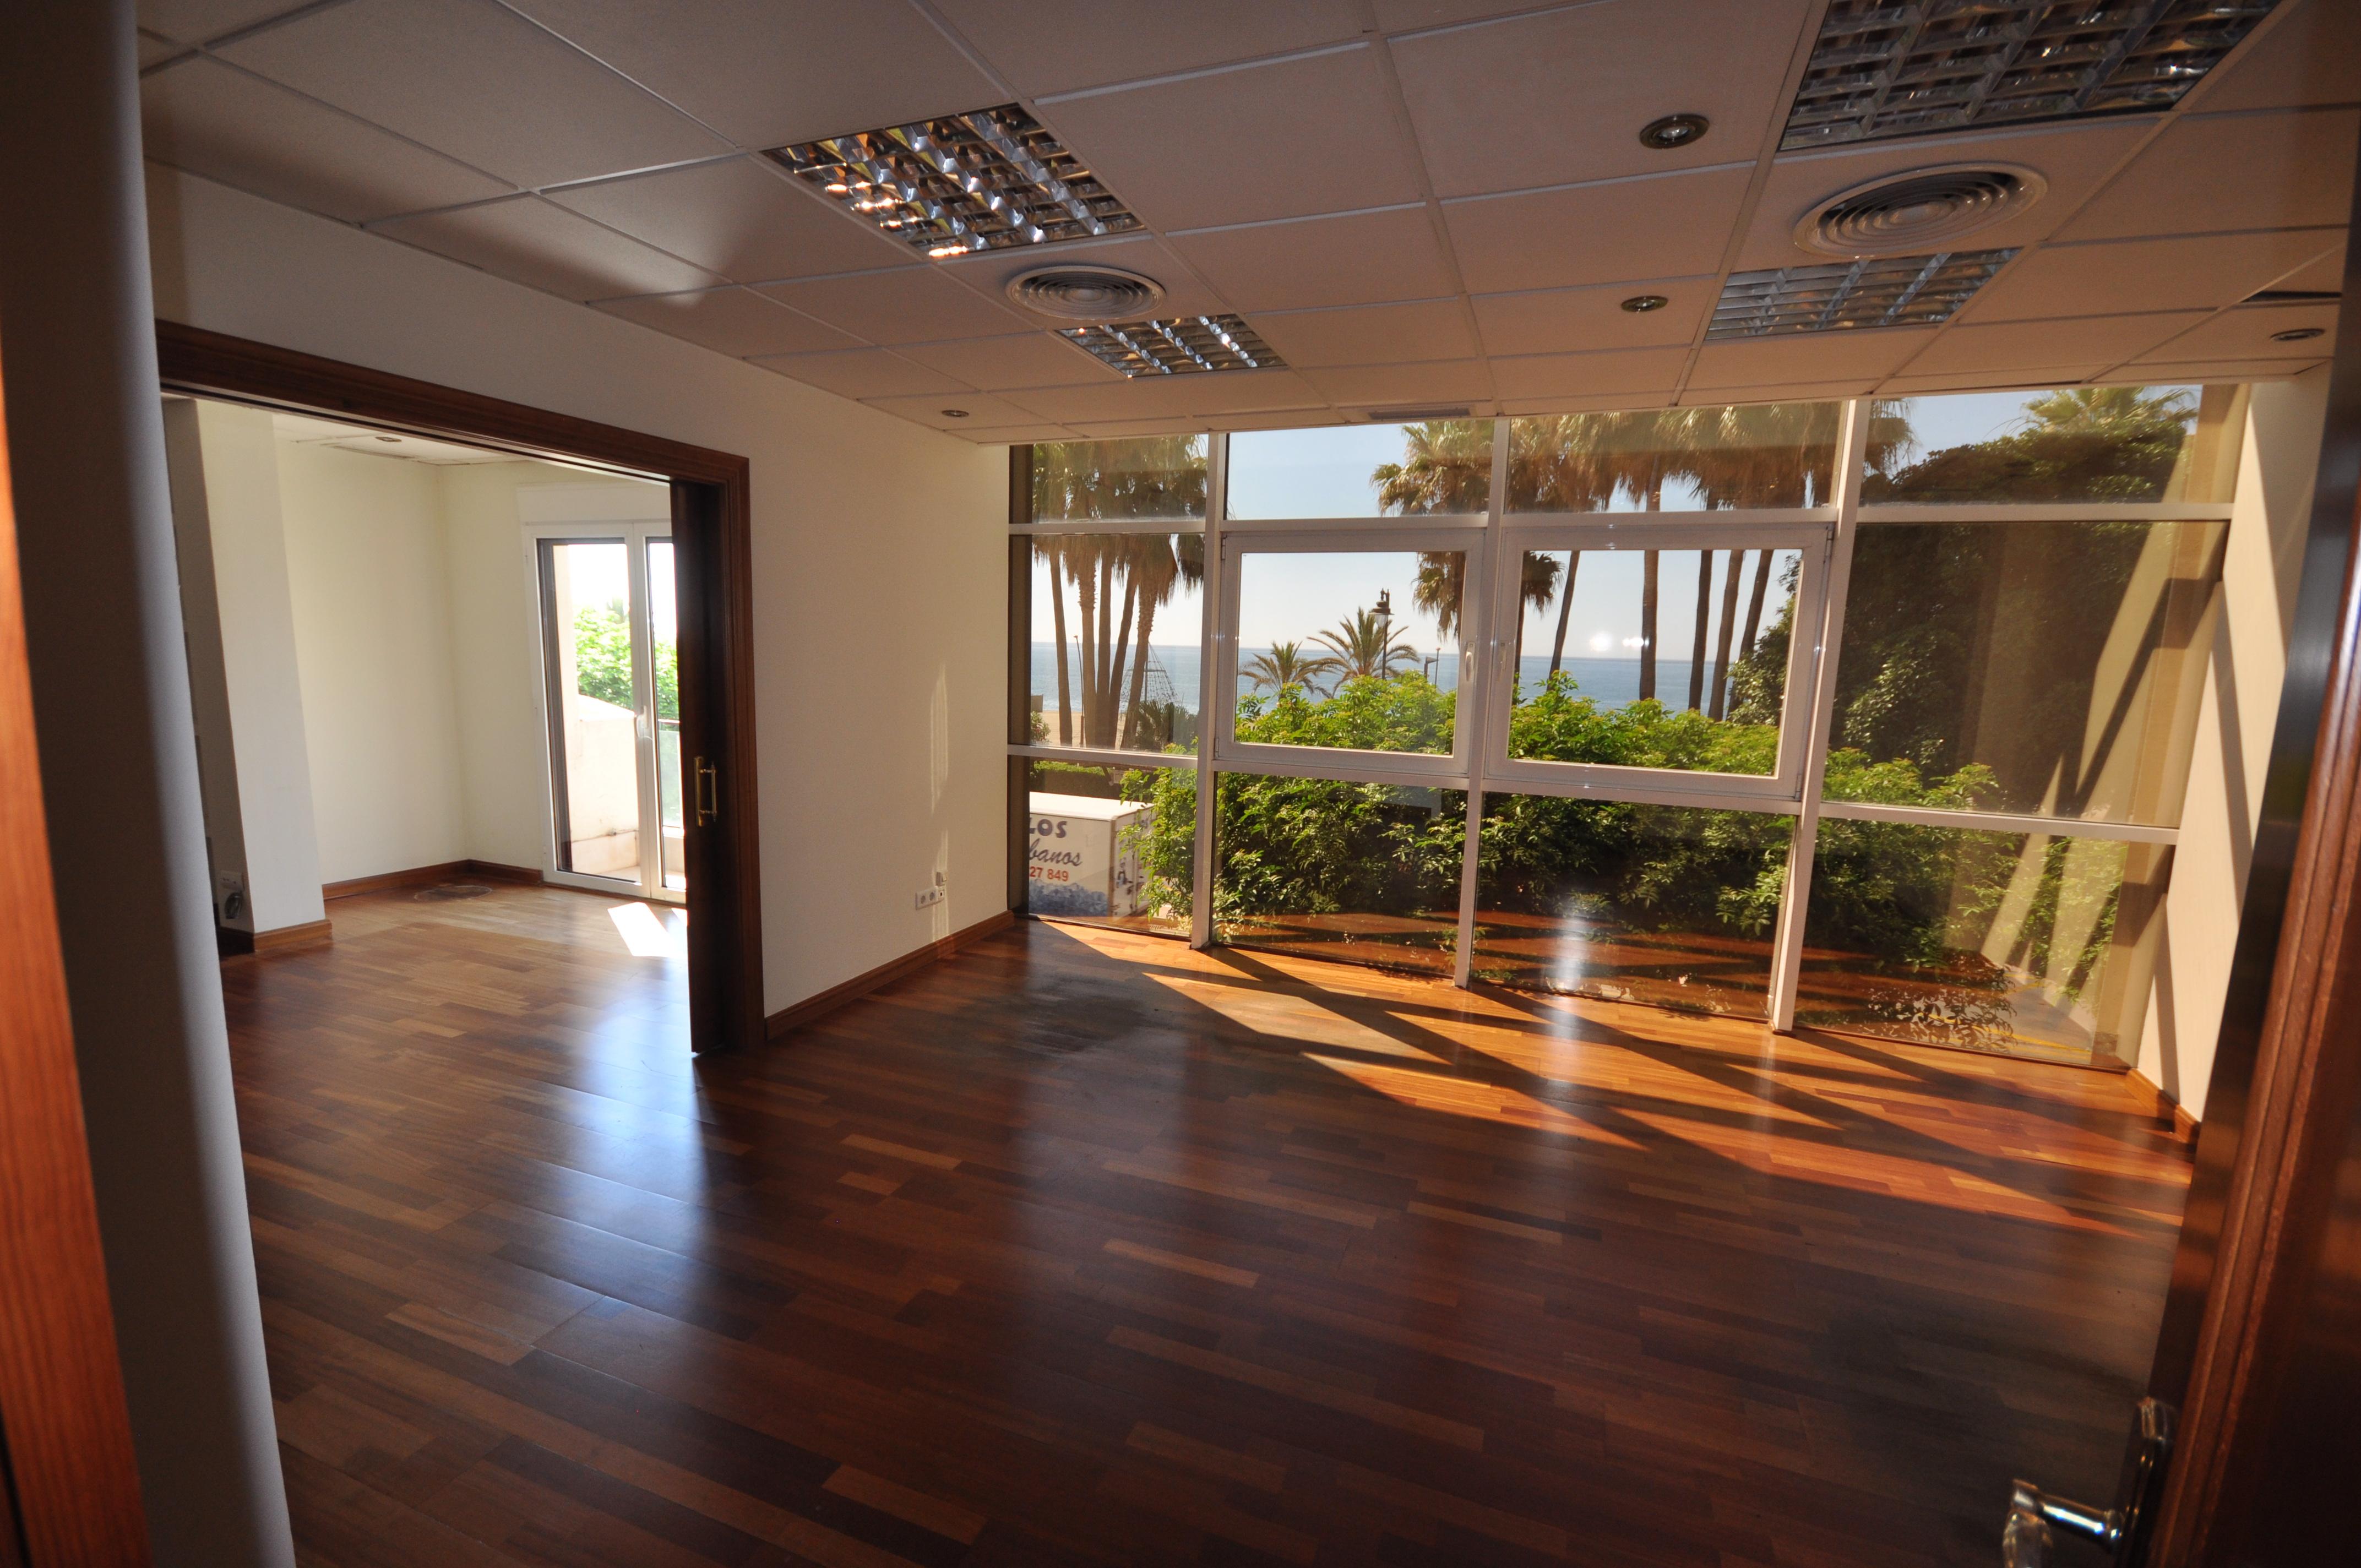 Ref:359-00081P Apartment For Sale in Estepona